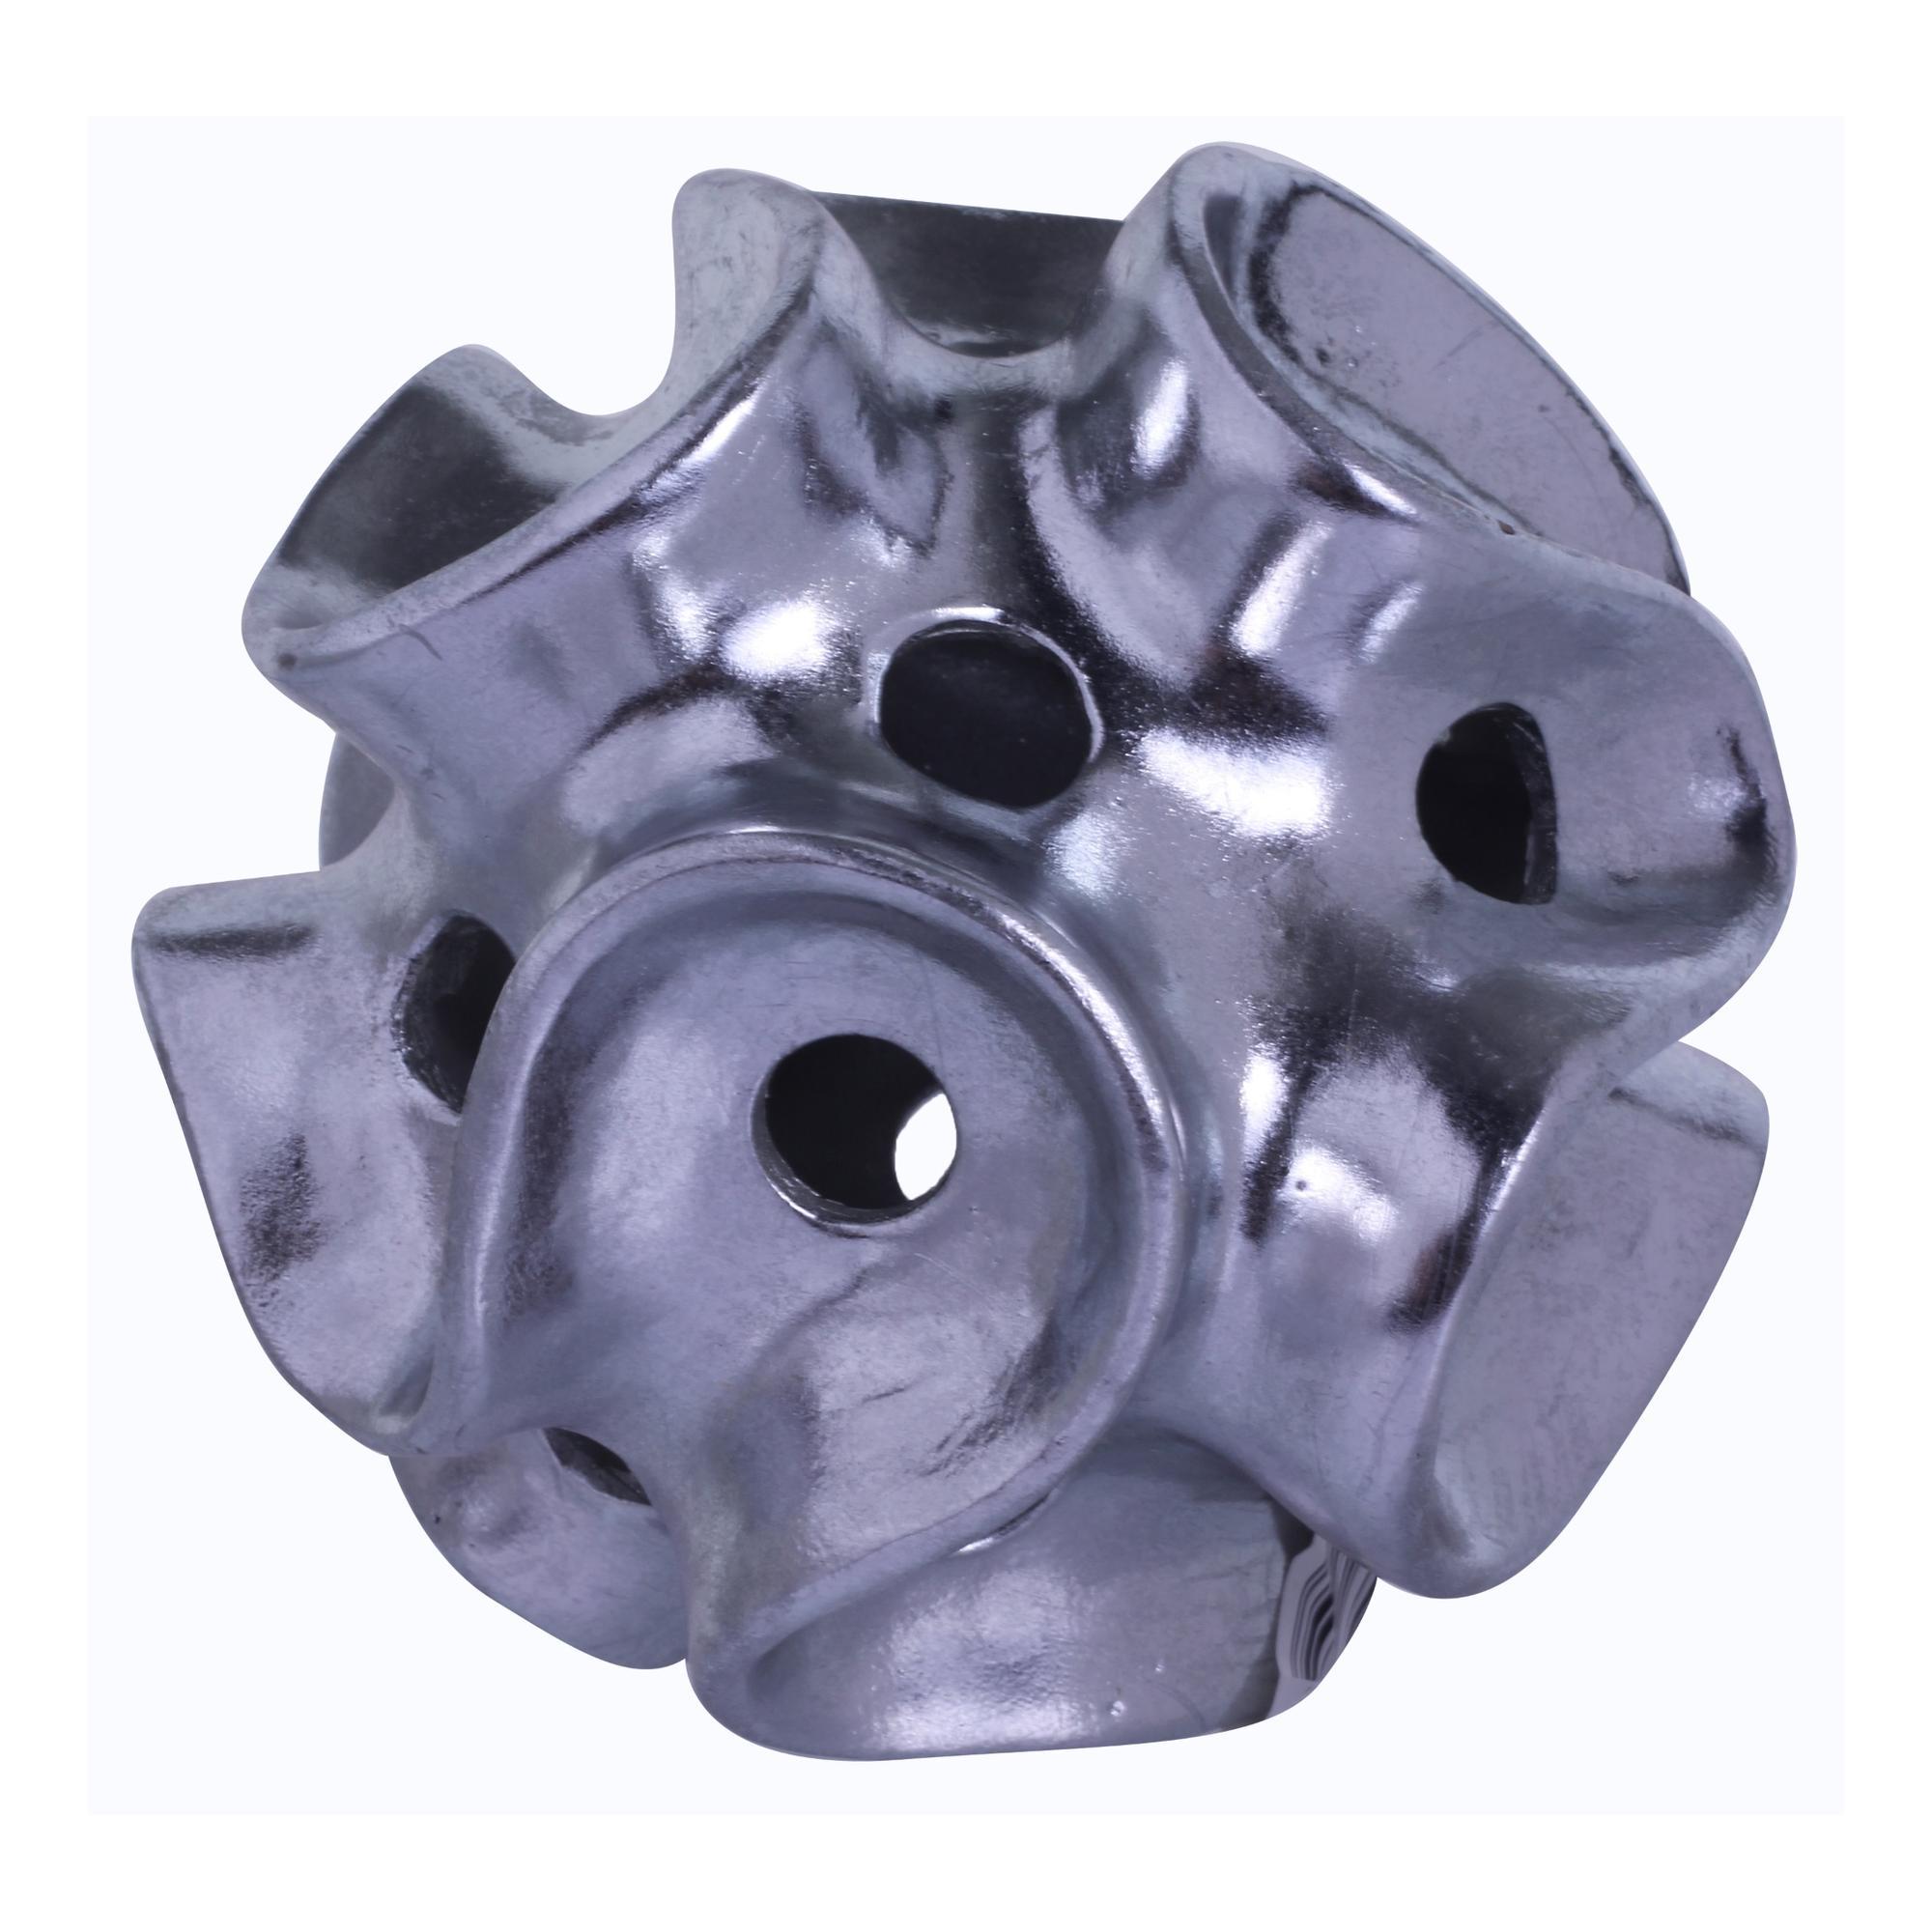 ASTEROIDE DECOR F14cm - 437-666235